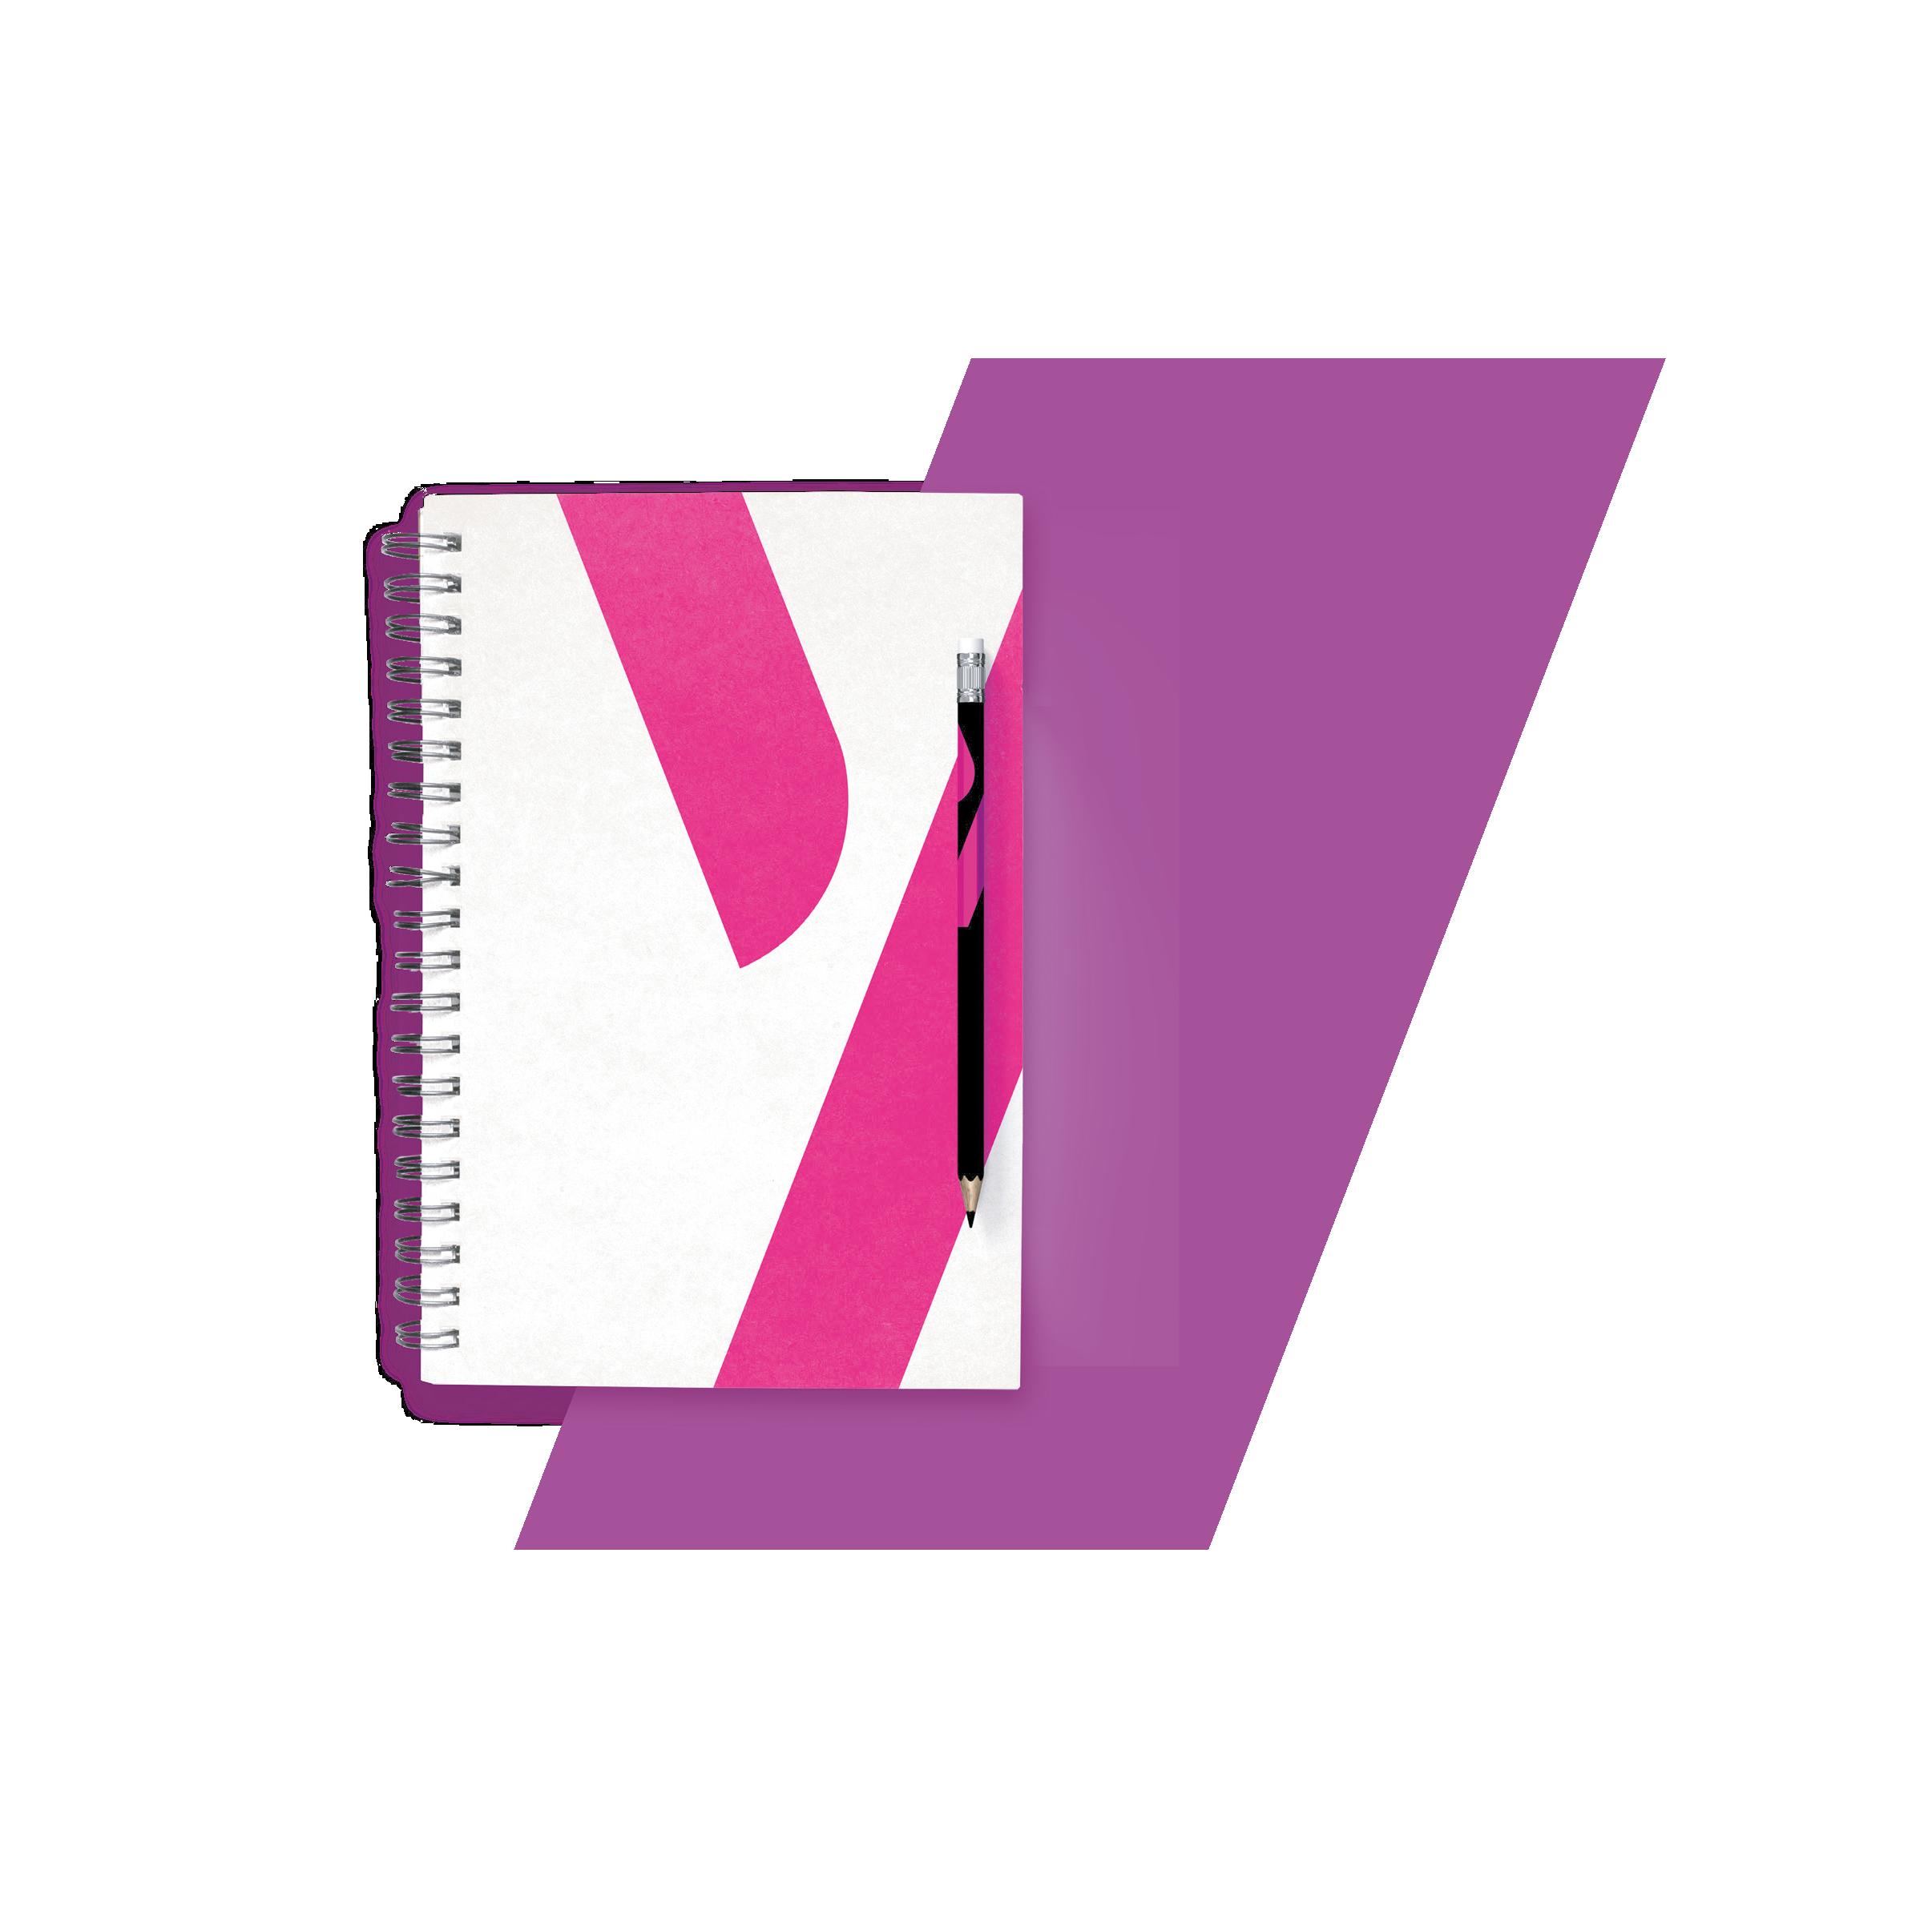 YNOV 2D & Illustration digitale